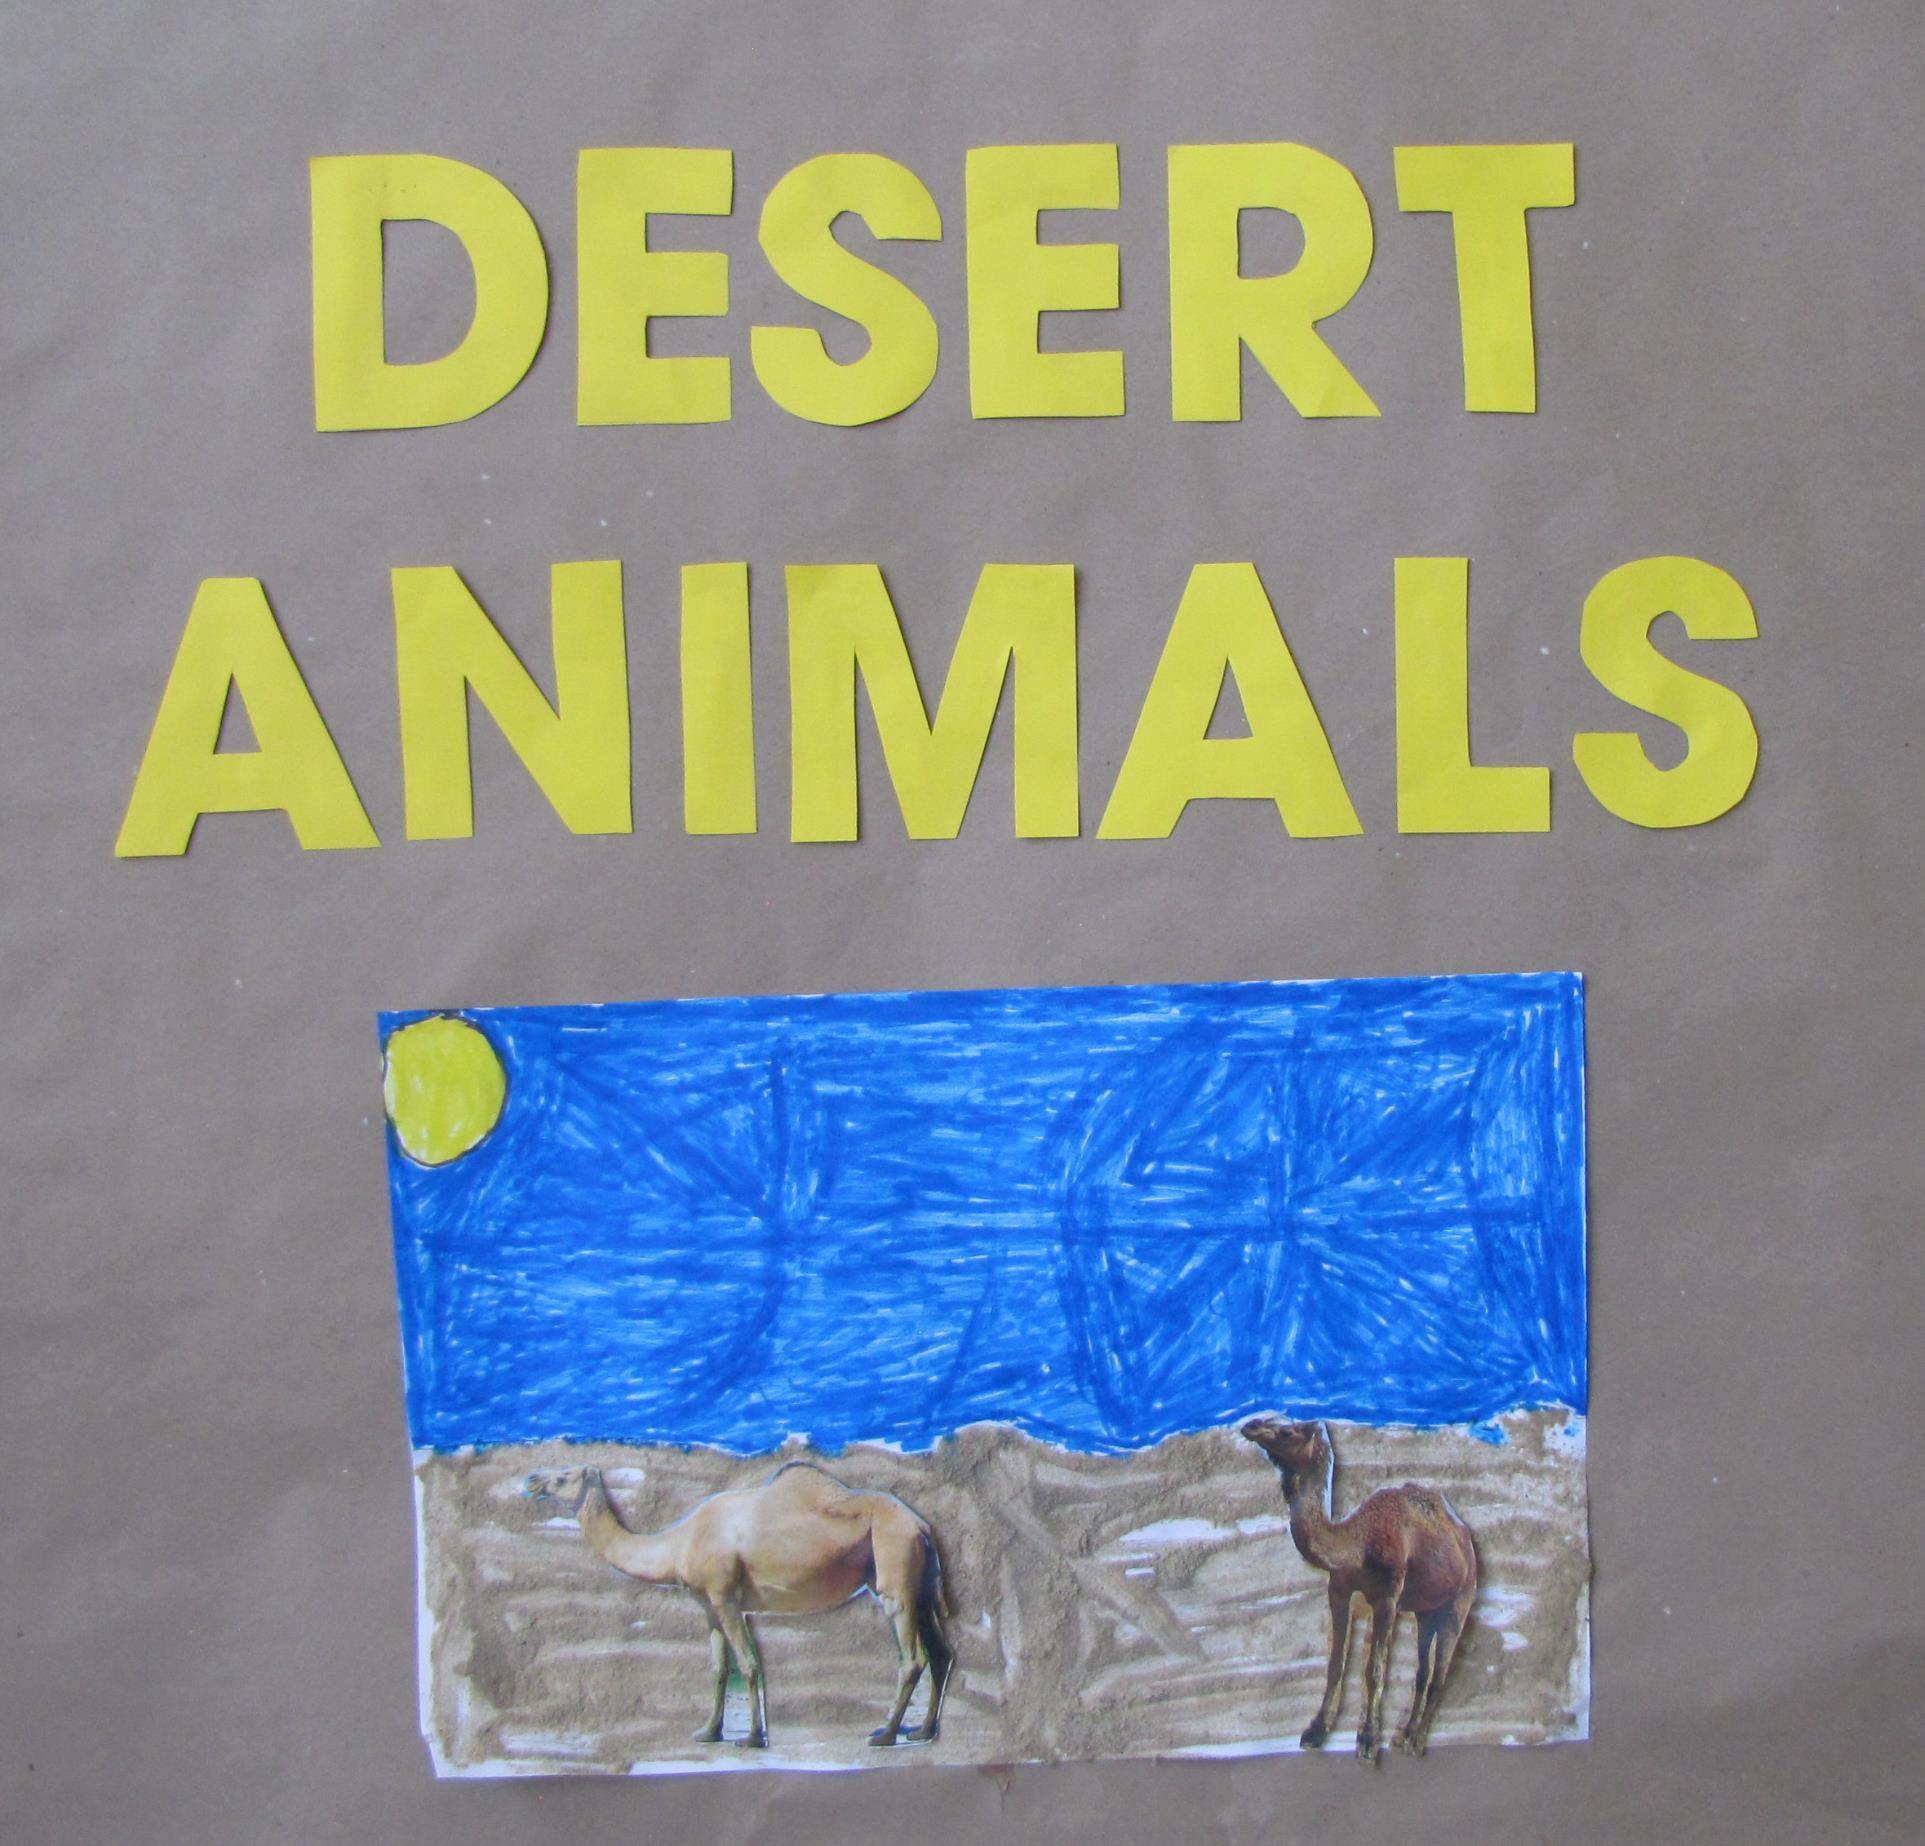 Desert animal